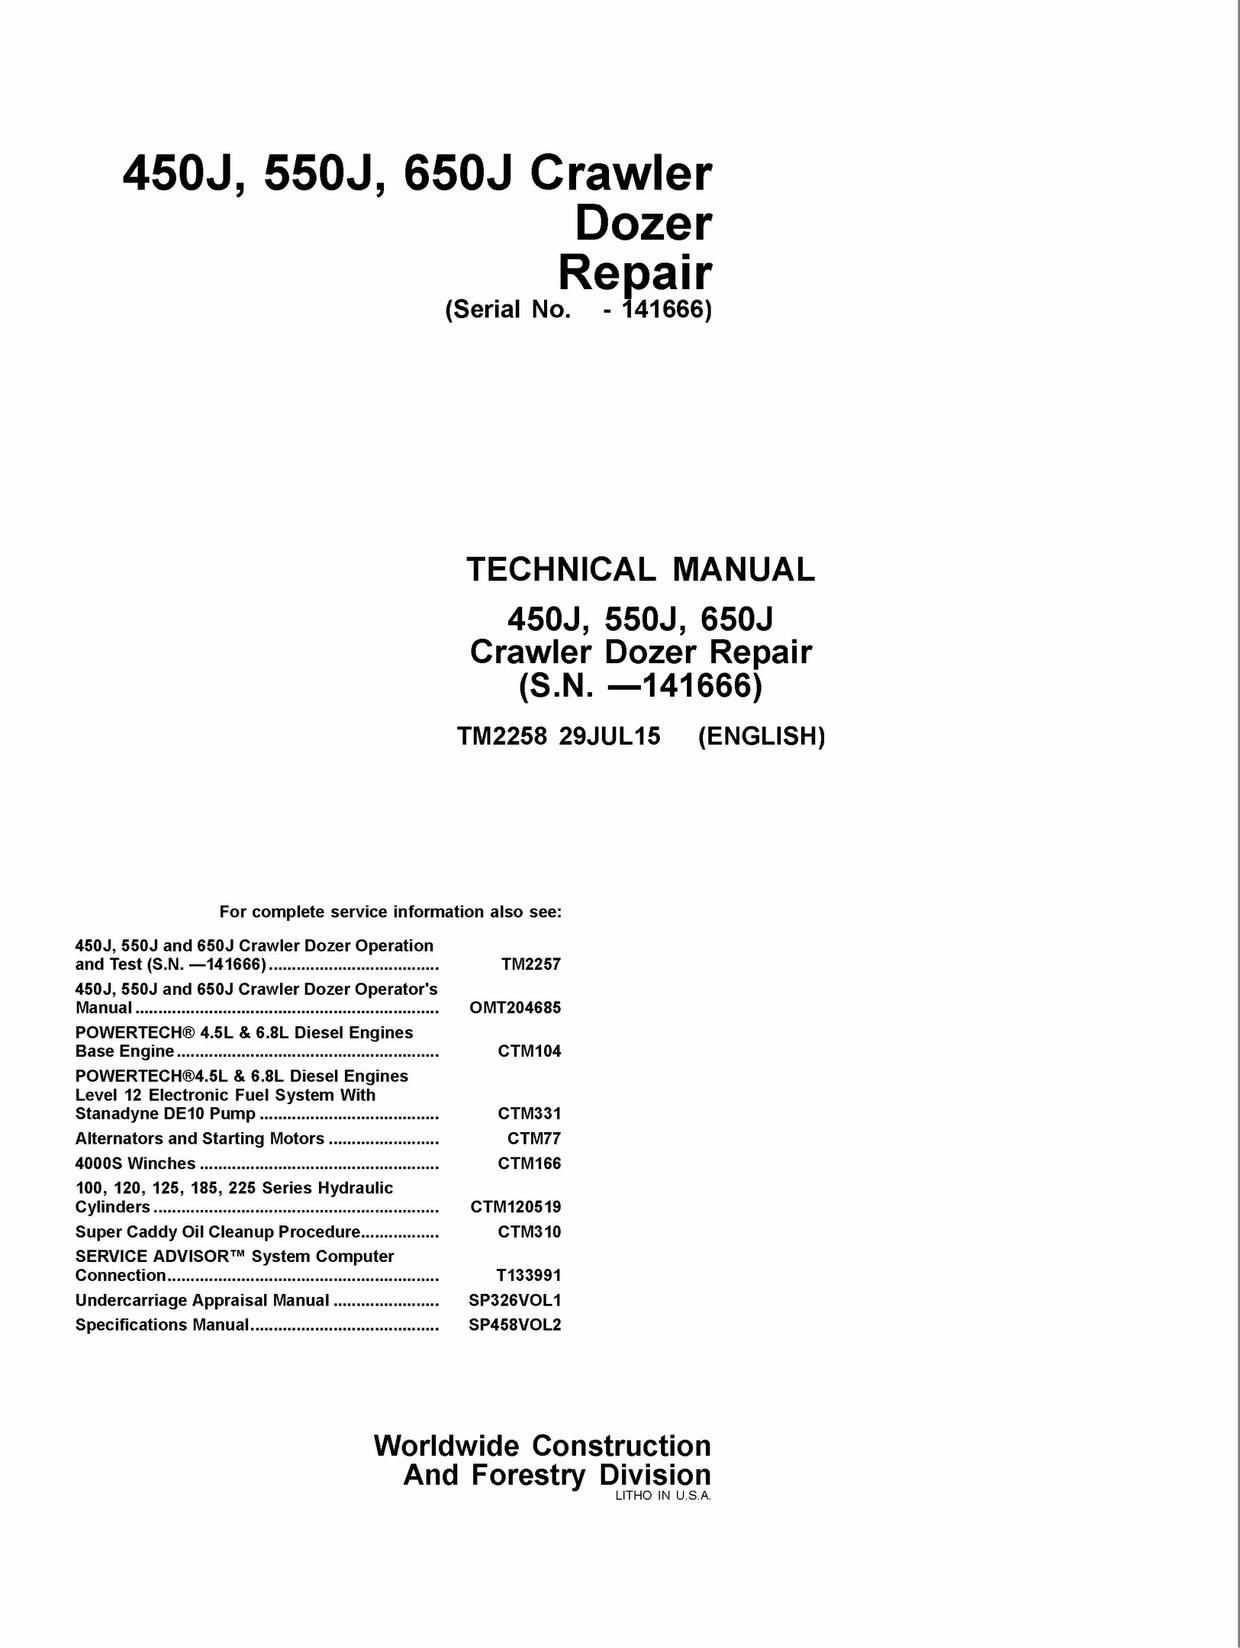 DOWNLOAD JOHN DEERE 450J 550J 650J CRAWLER DOZER REPAIR SERVICE TECHNICAL MANUAL TM2258